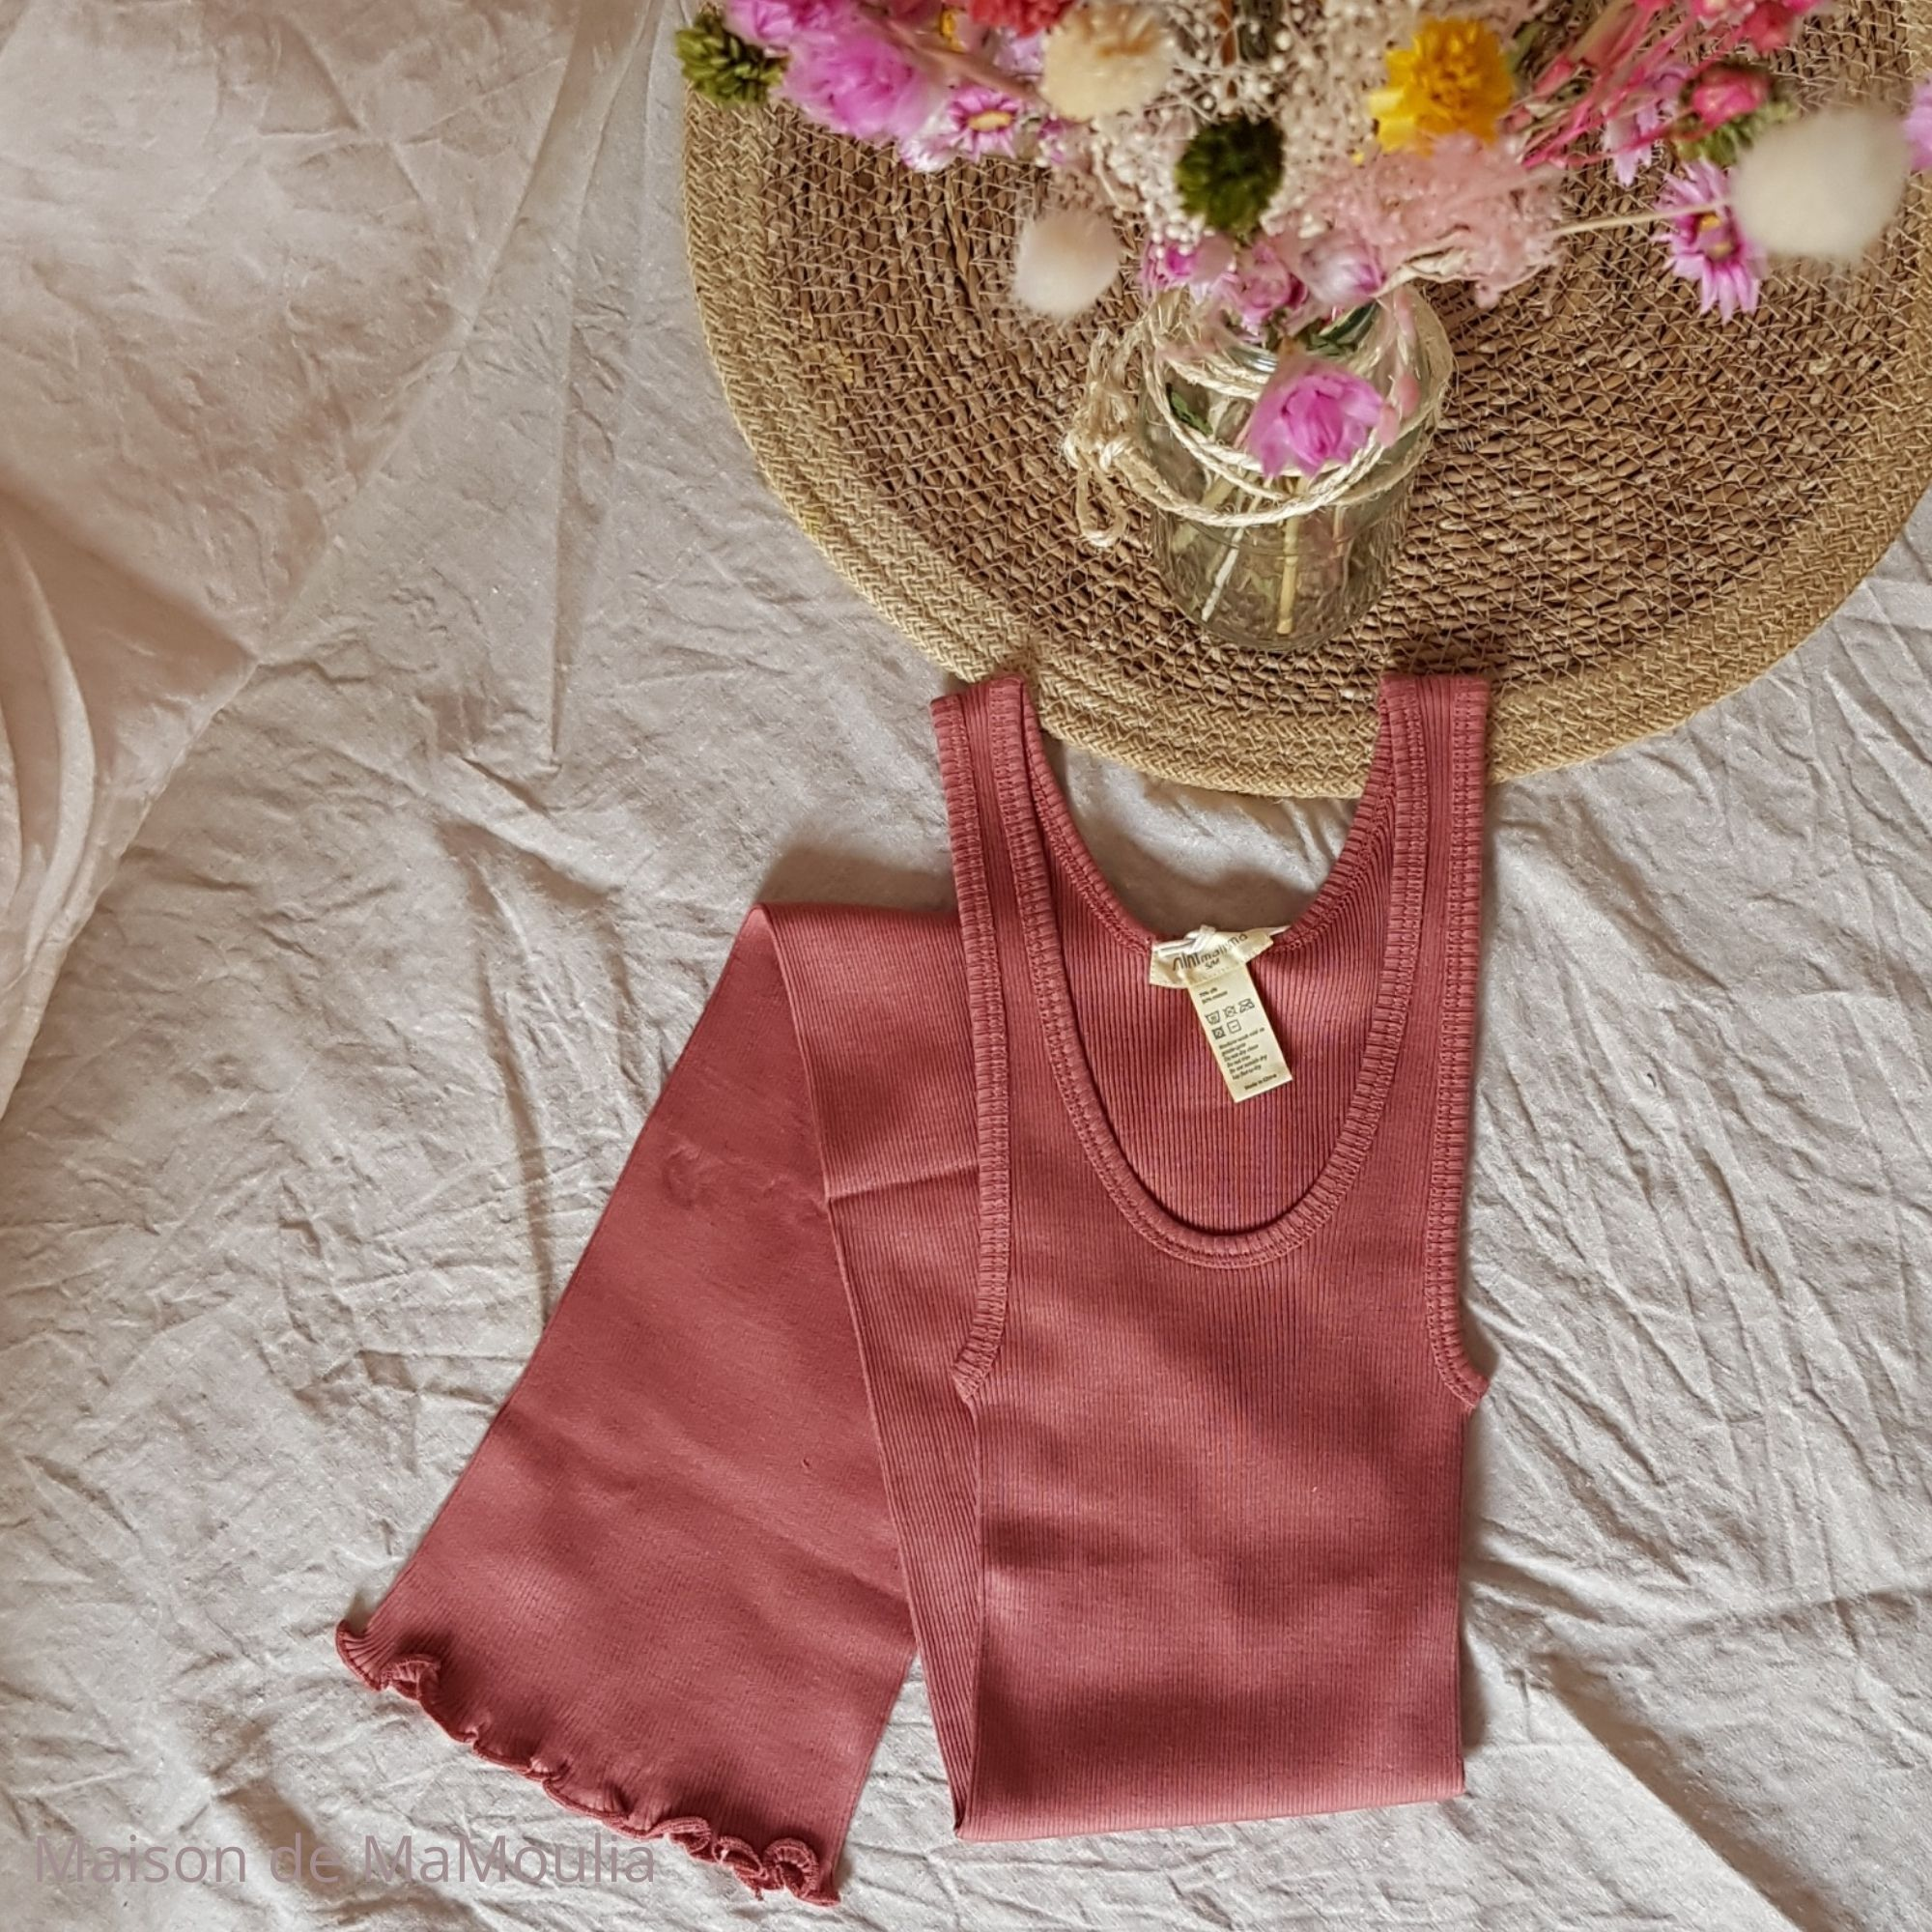 MINIMALISMA - Robe ou débardeur pour femme - Soie 70% / coton 30% - Gry - Anthique red